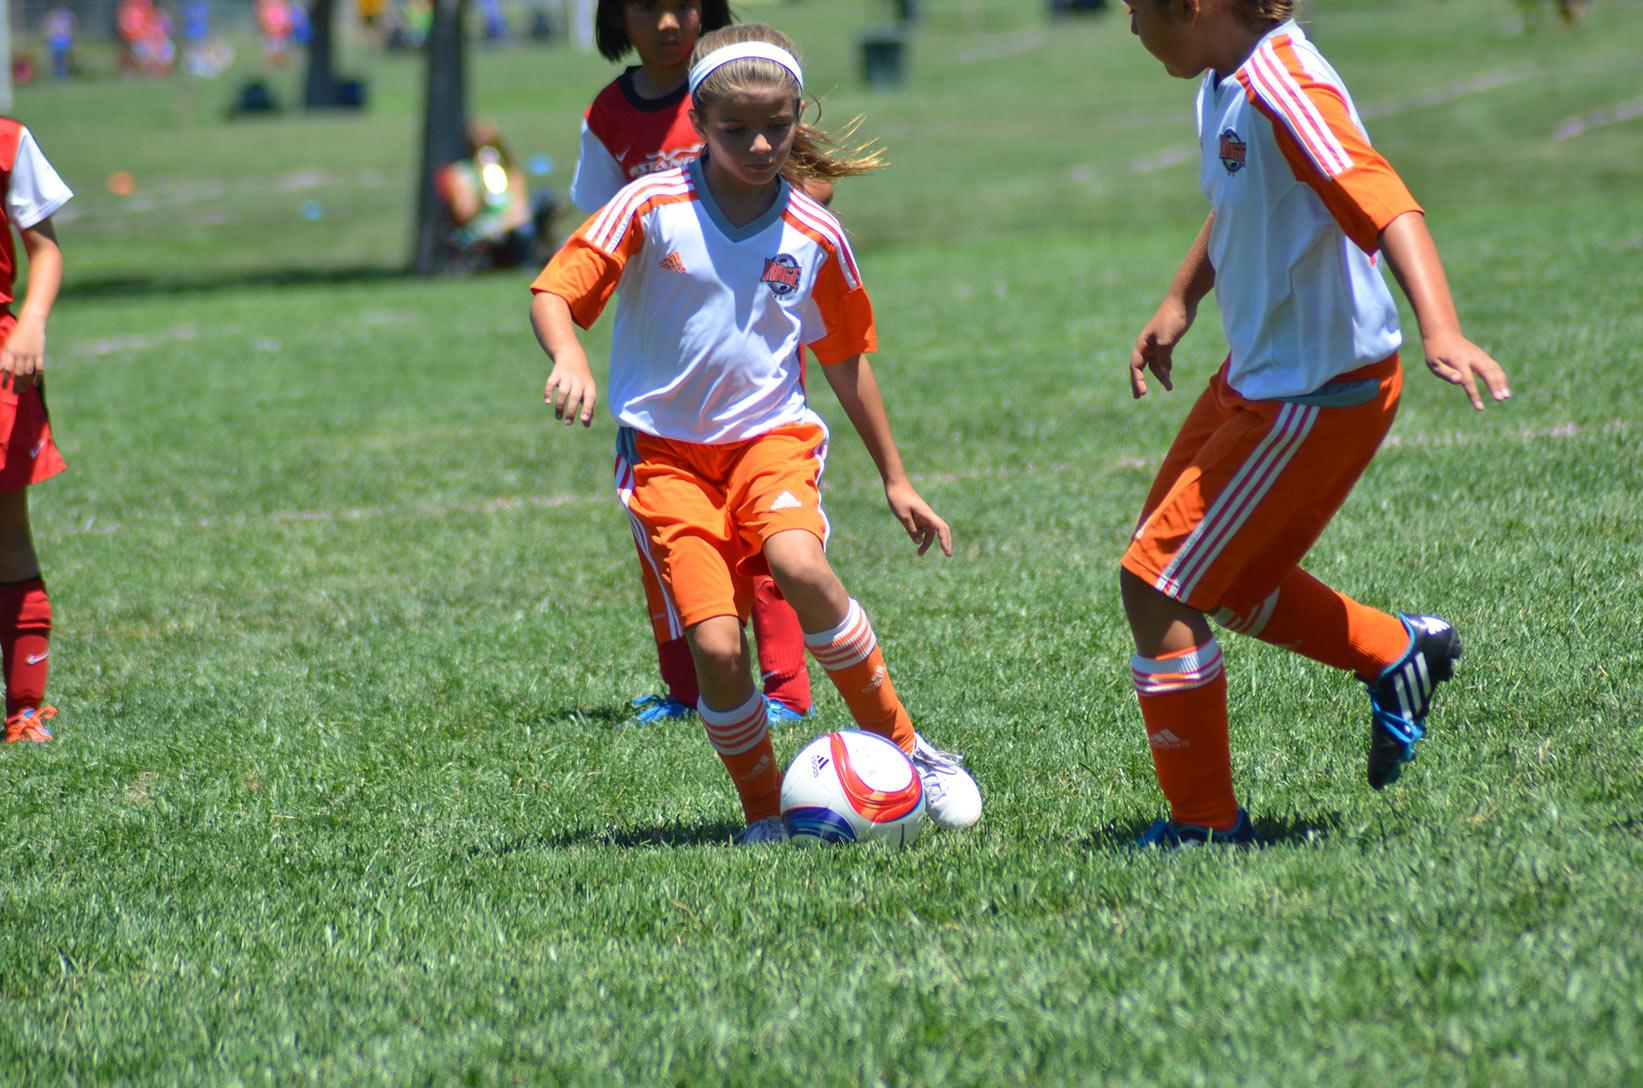 RAGE Girls playing soccer